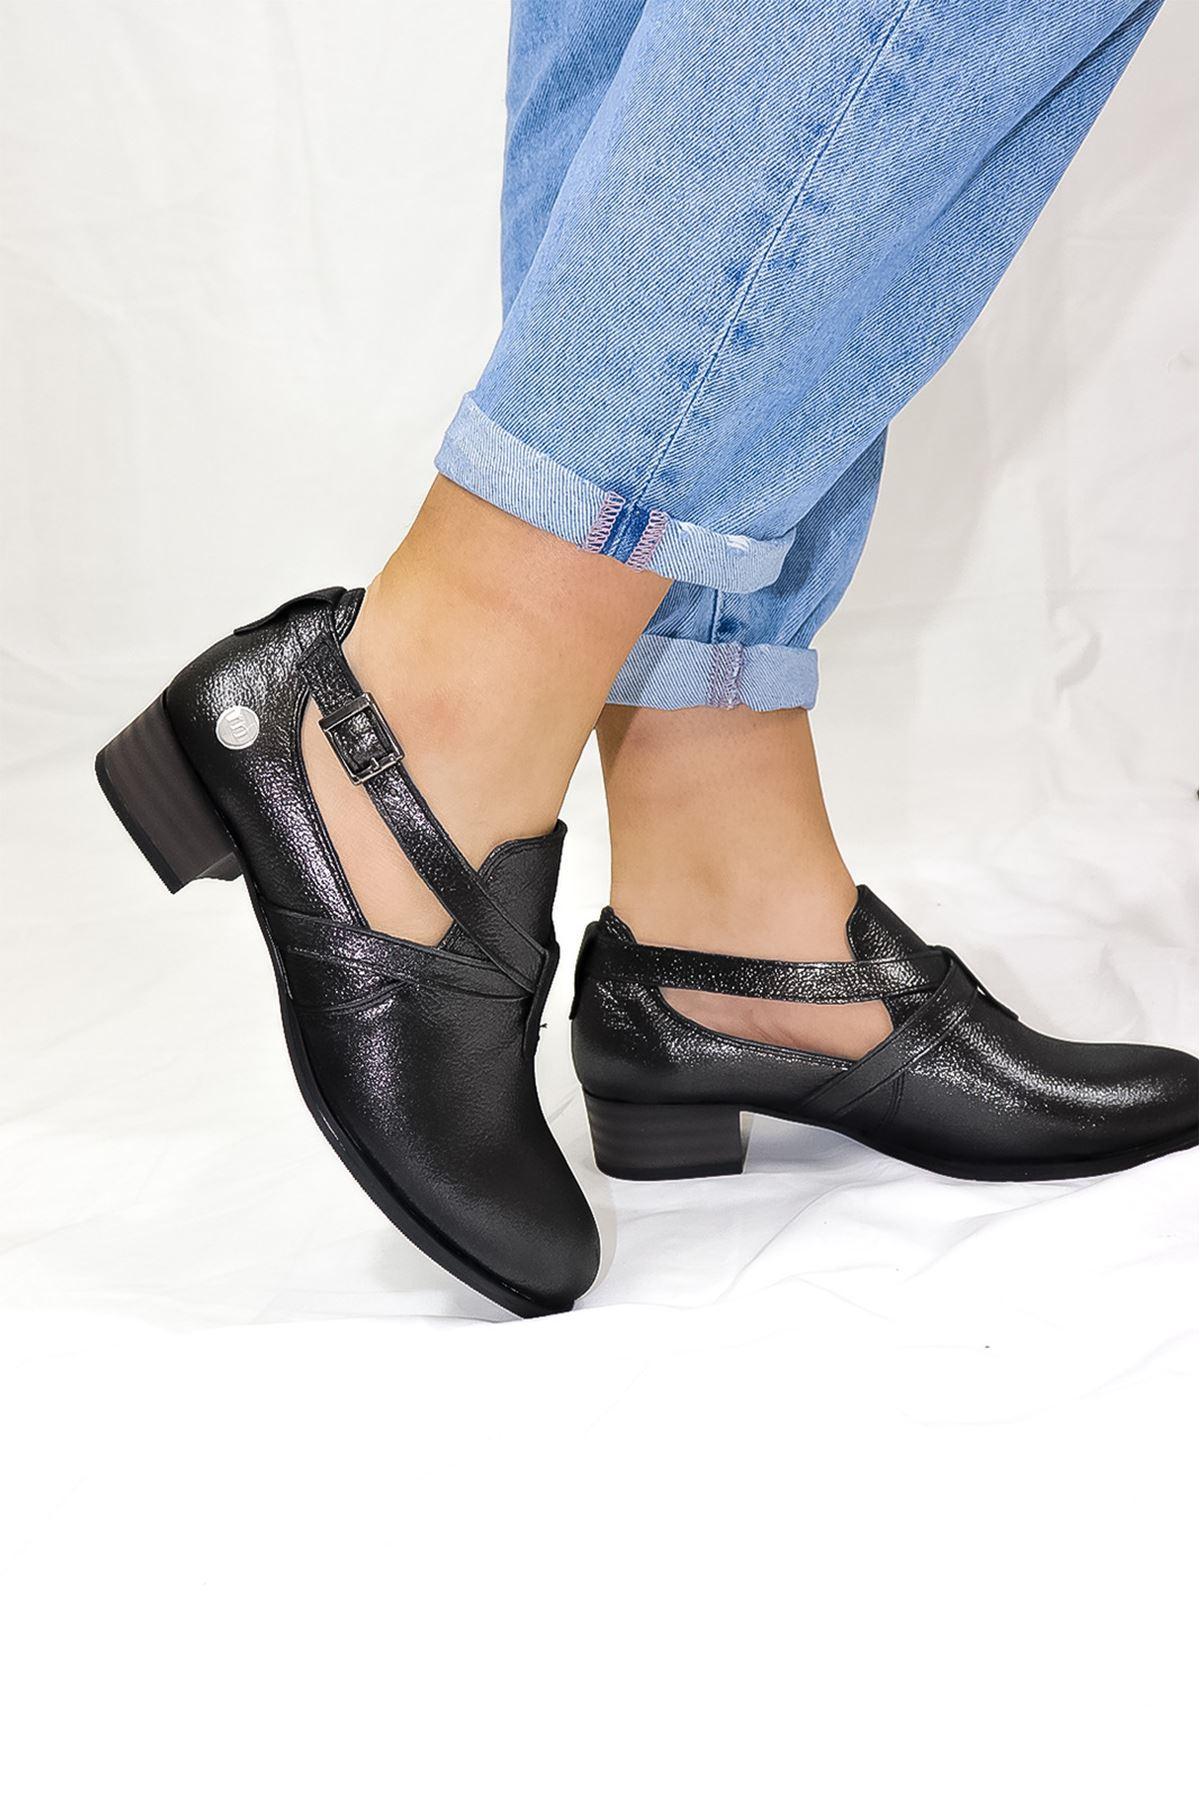 Mammamia - D21YA - 90-B Çelik Simli Kadın Ayakkabısı